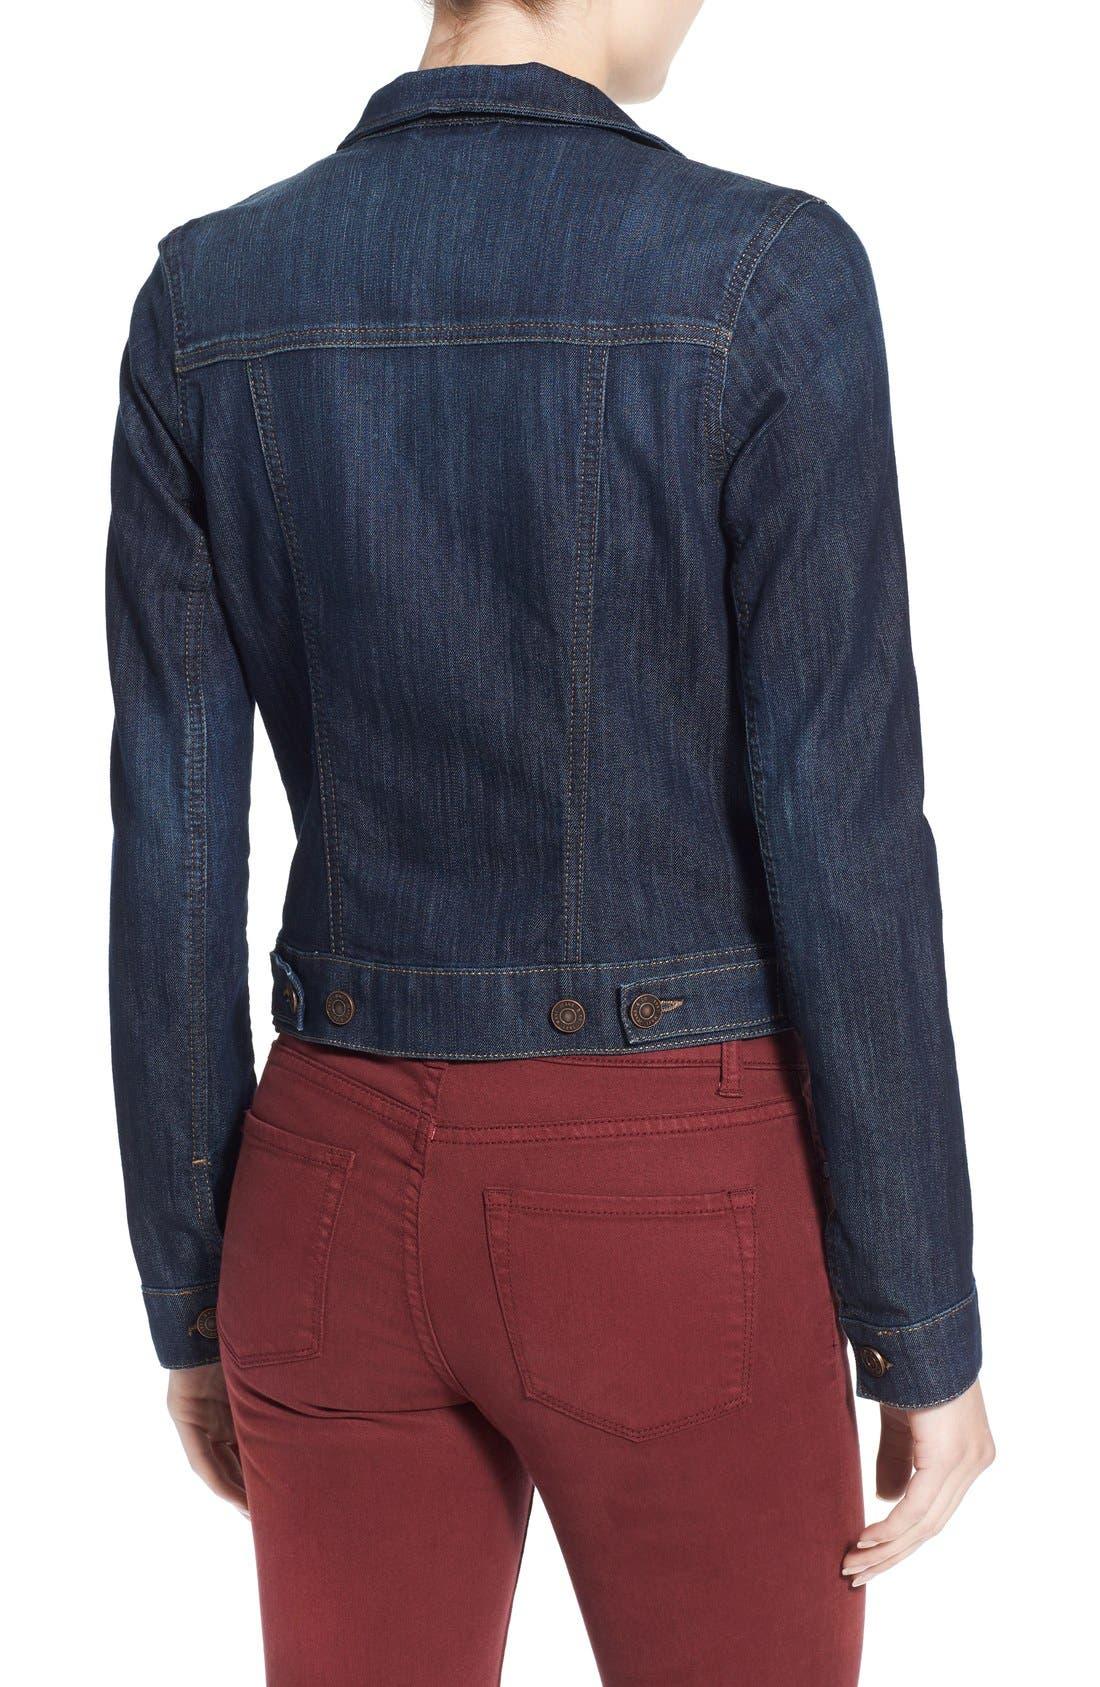 MAVI JEANS, 'Samantha' Denim Jacket, Alternate thumbnail 4, color, DARK NOLITA